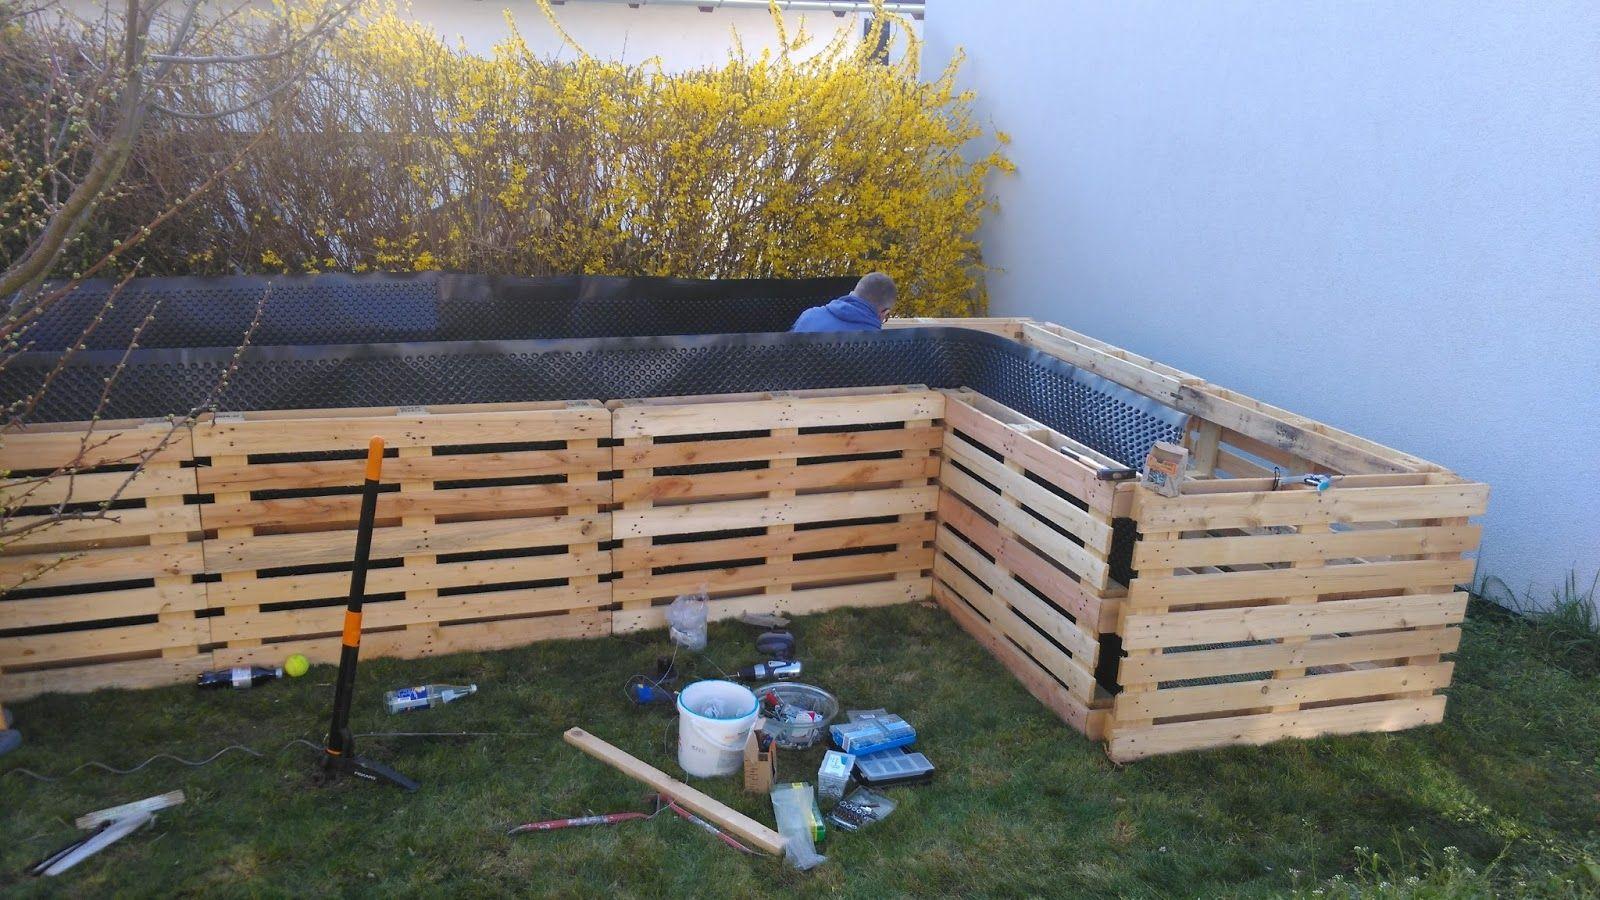 Ein Hochbeet Aus Paletten Teil 1 Aufbau Hochbeet Aus Paletten Hochbeet